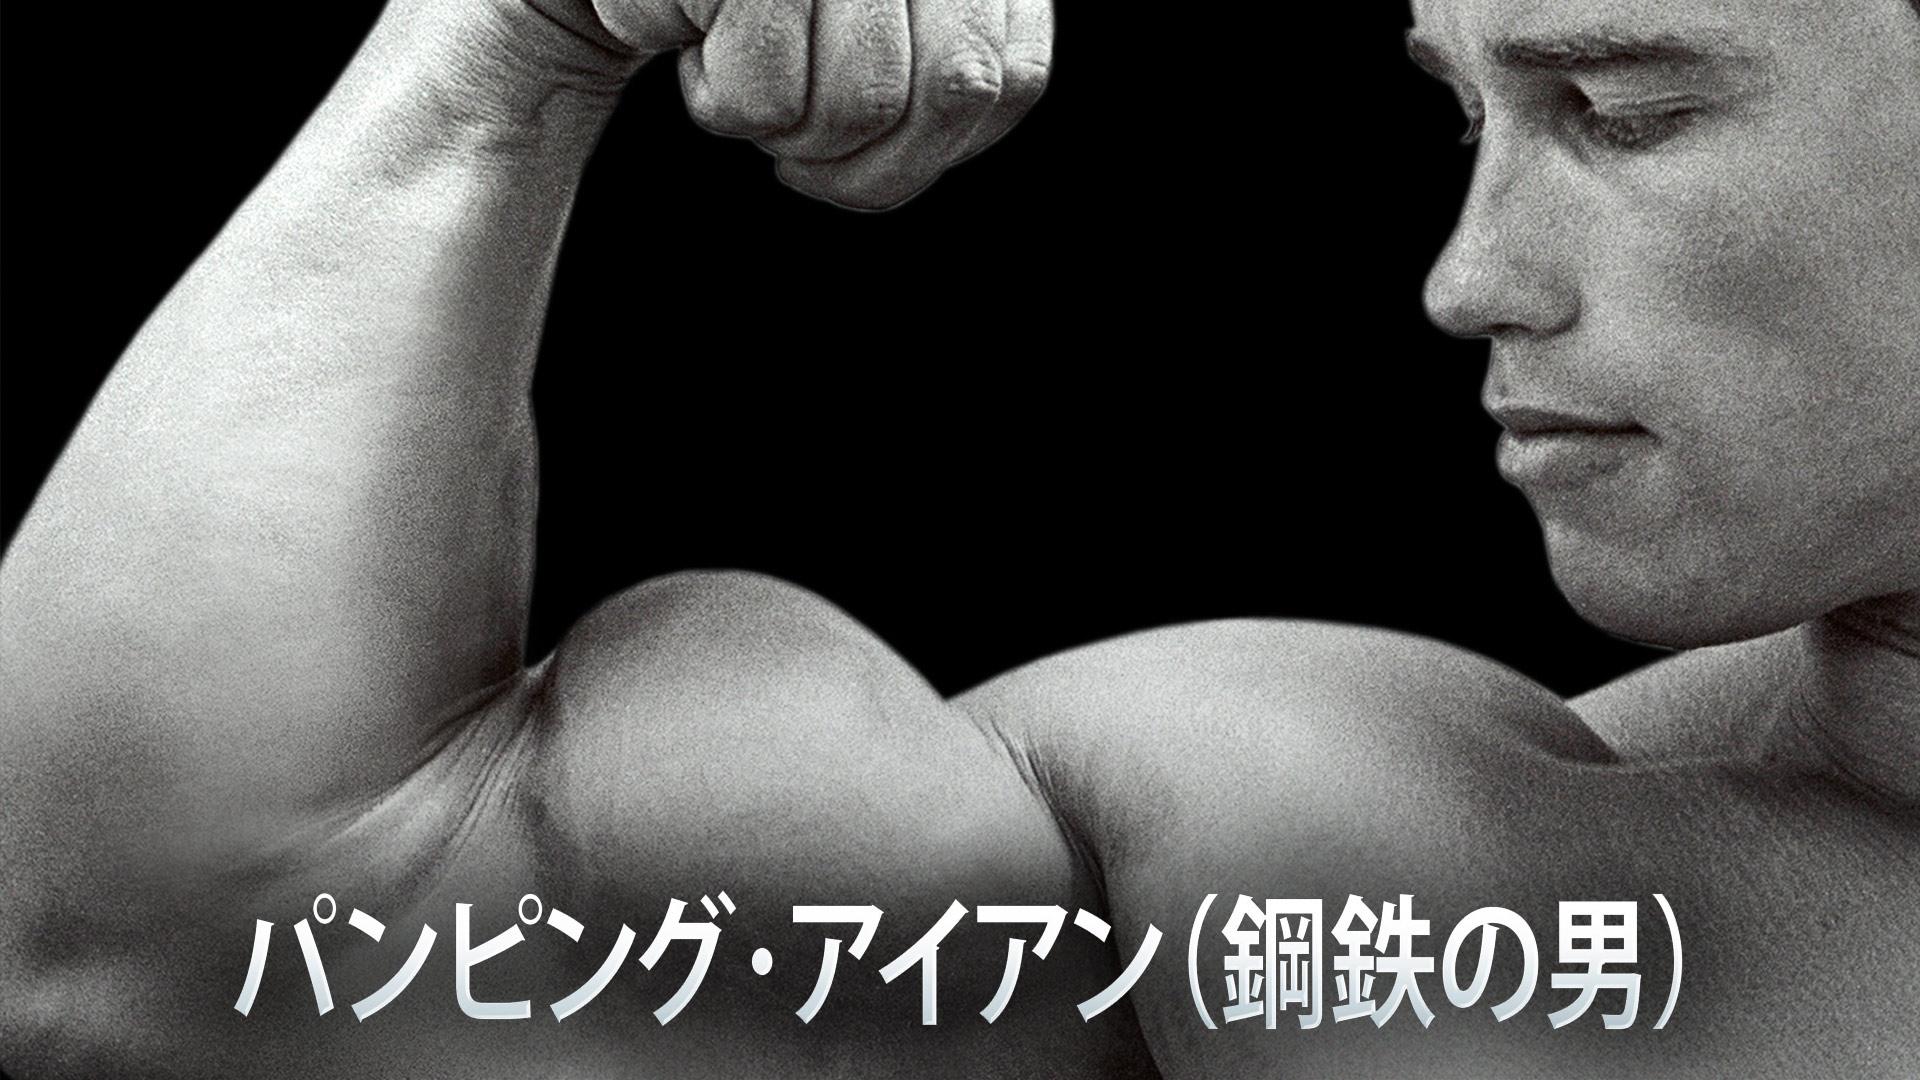 パンピング・アイアン(鋼鉄の男)